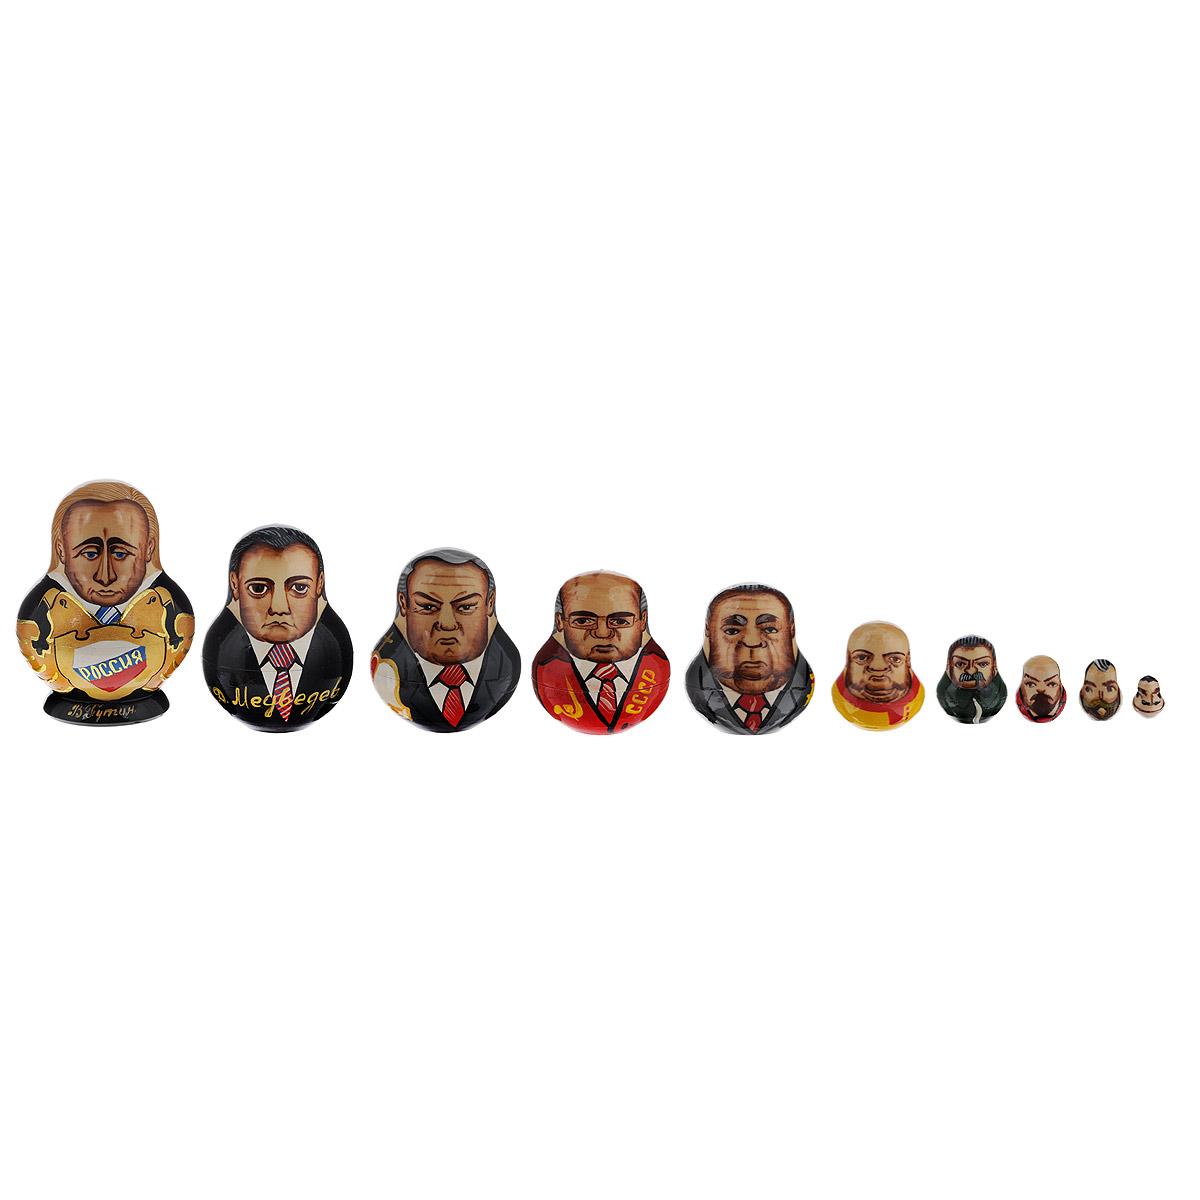 Набор матрешек Василиса История России, 10 кукол, высота 14 см. Ручная работампл10с1